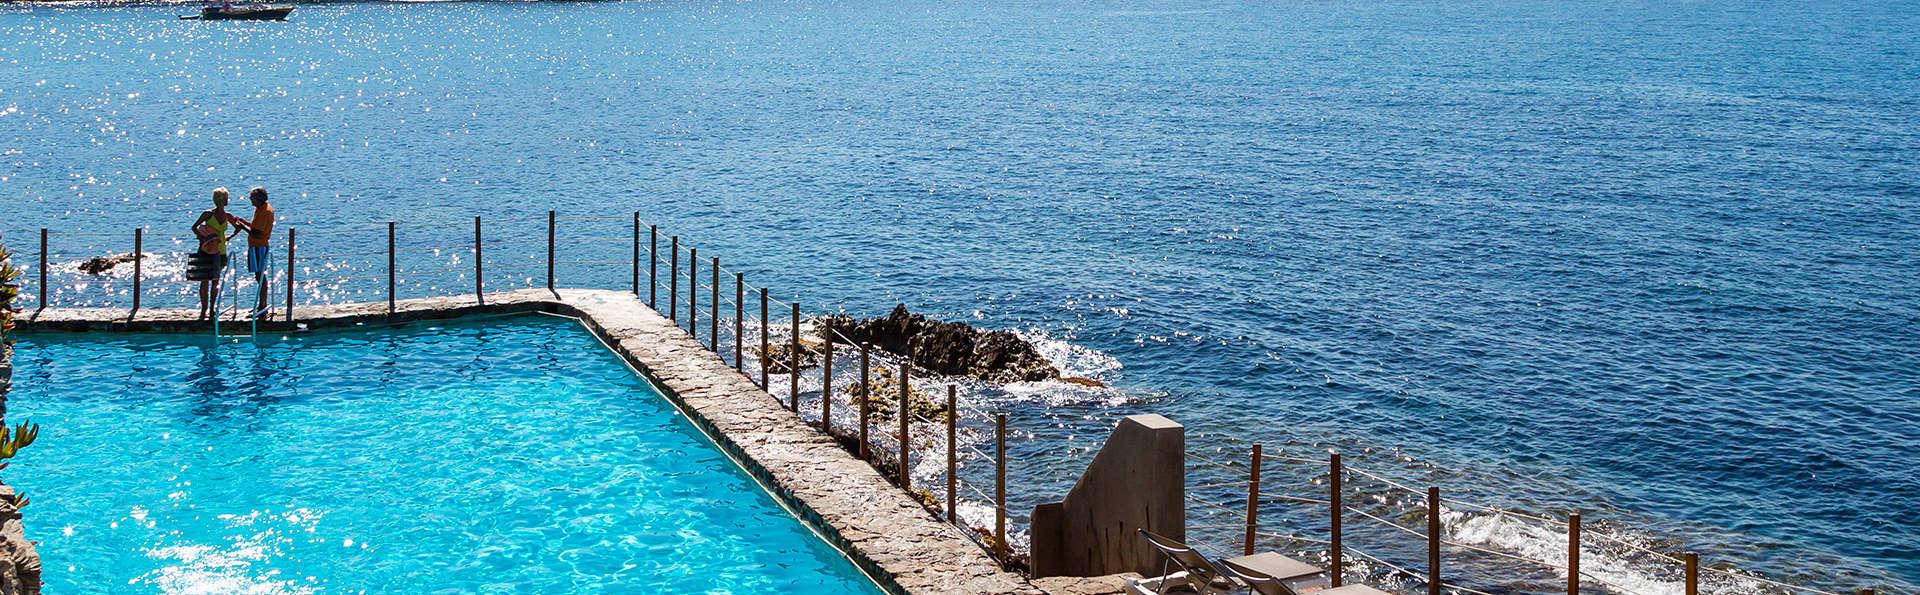 Séjour face à la mer sur la Presqu'île de Giens